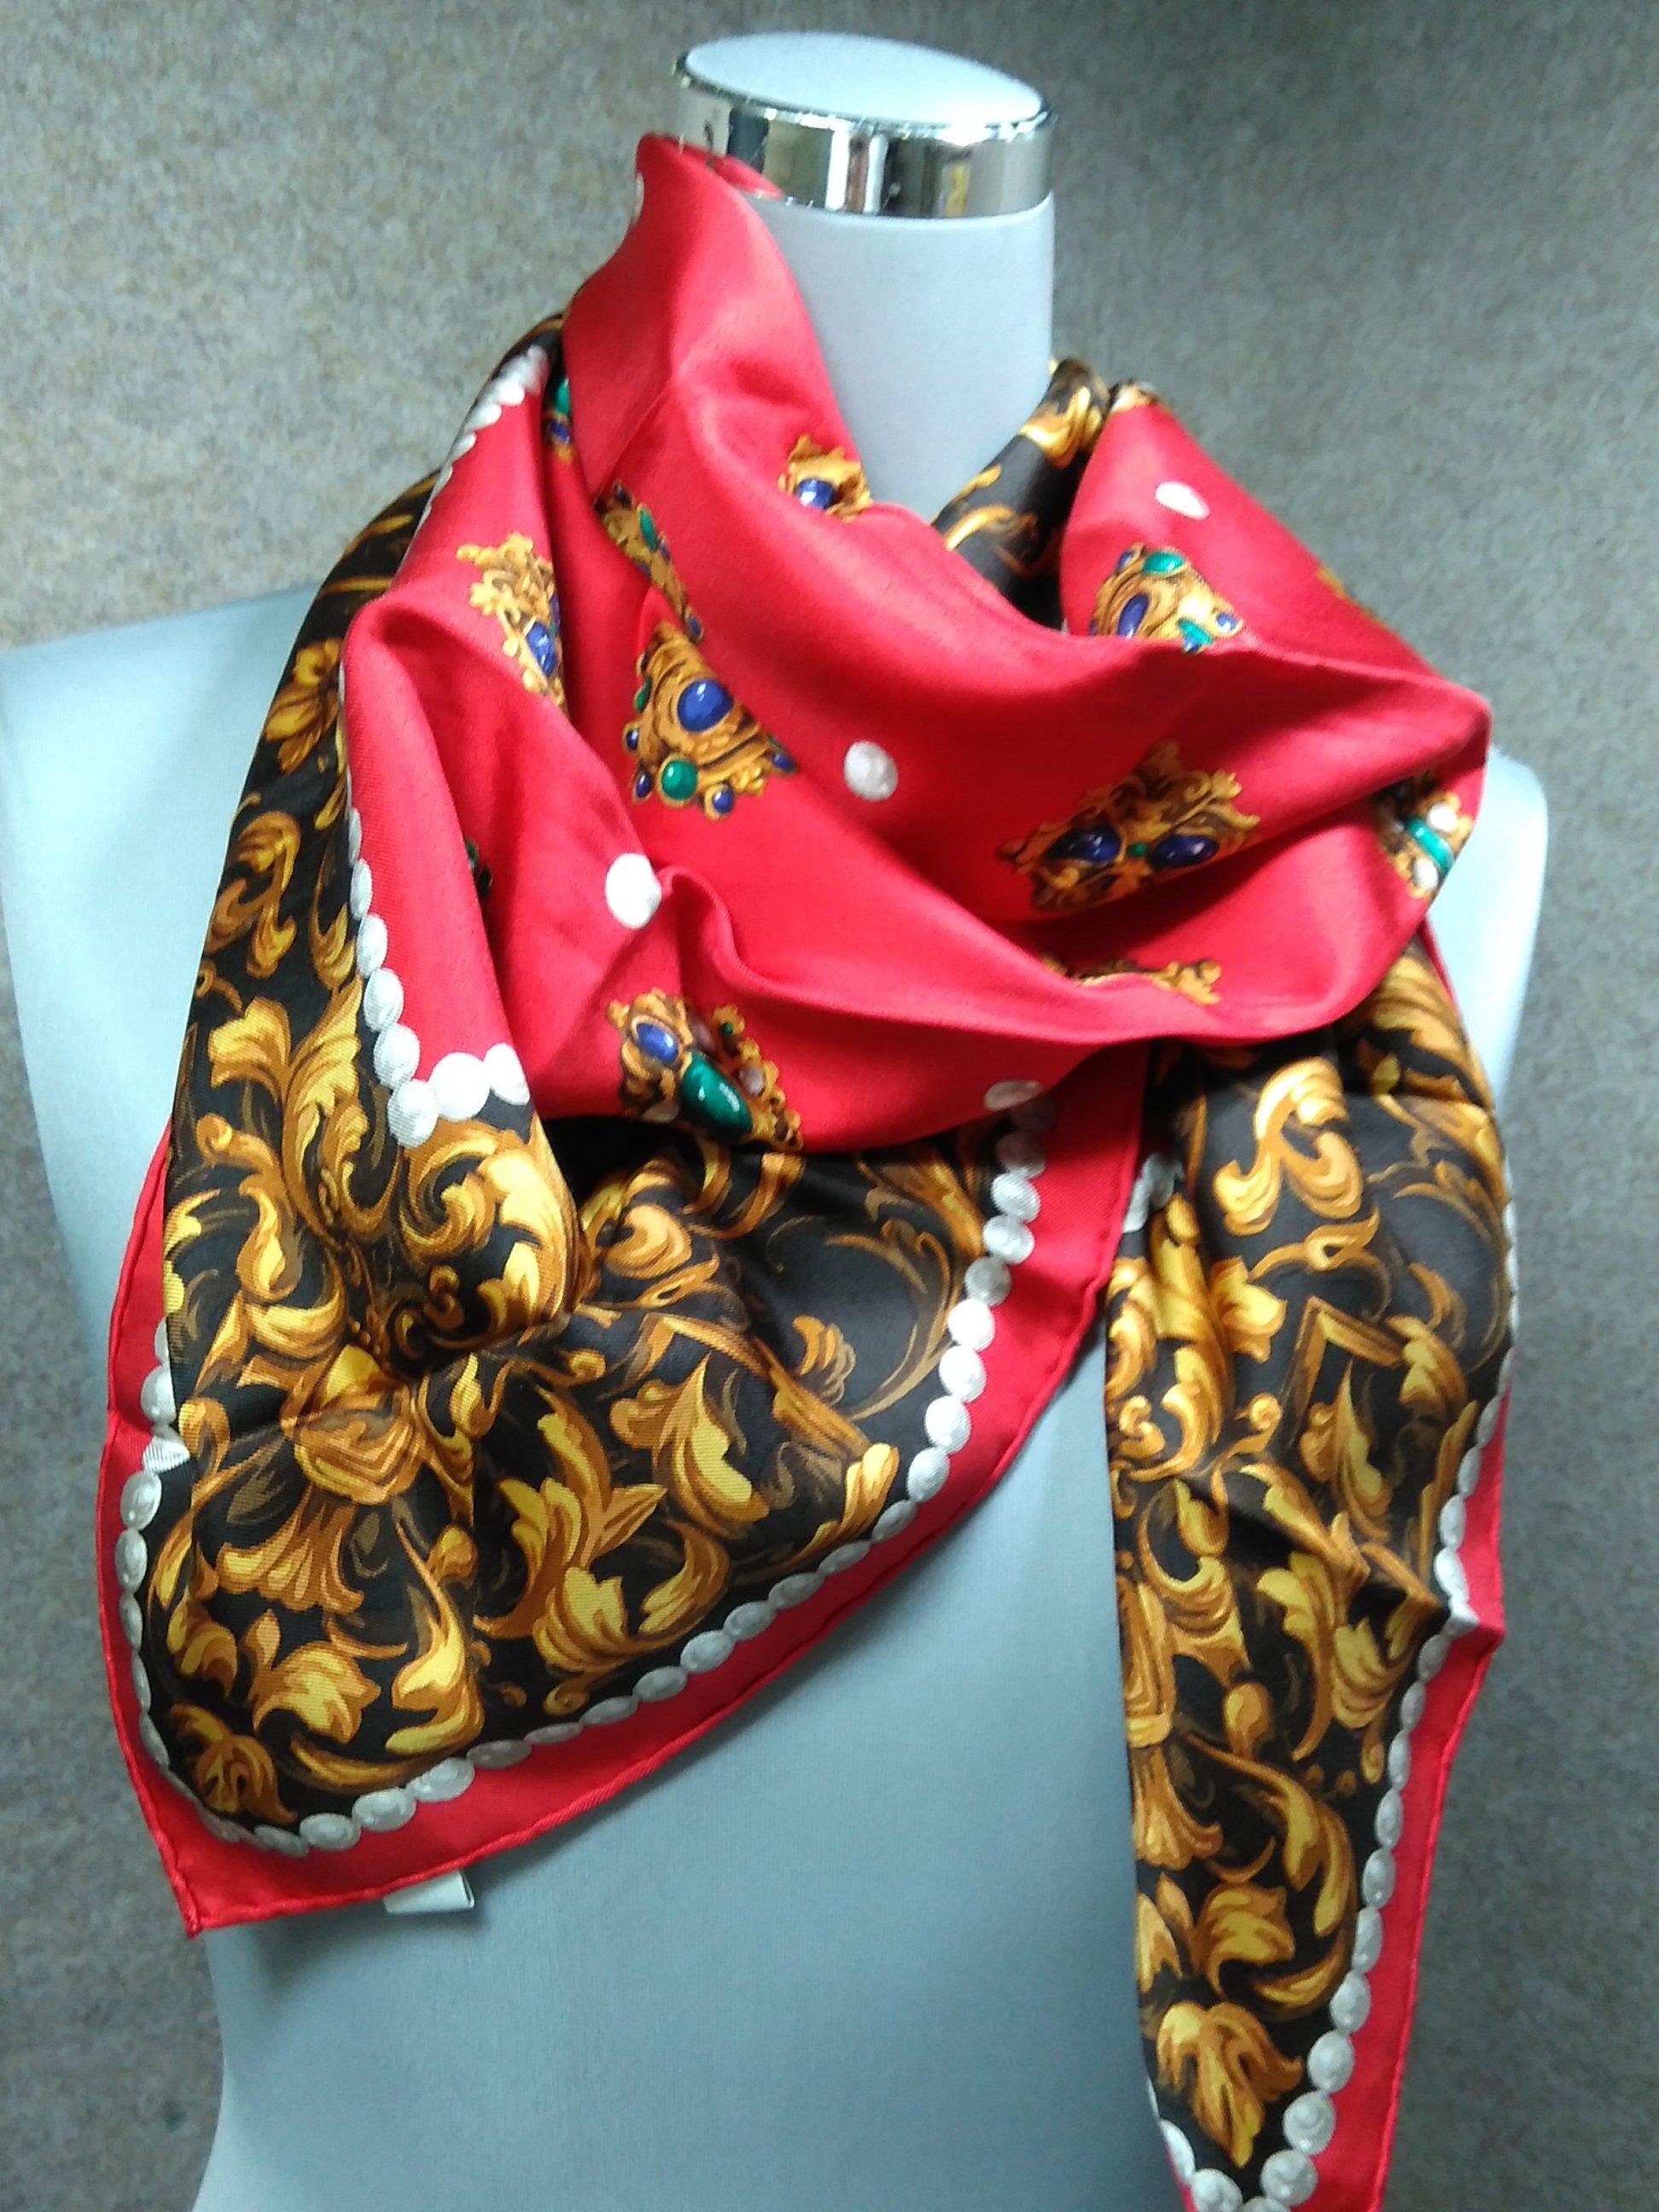 クリスチャン・ディオール スカーフ シルク 絹 赤系 mu888e